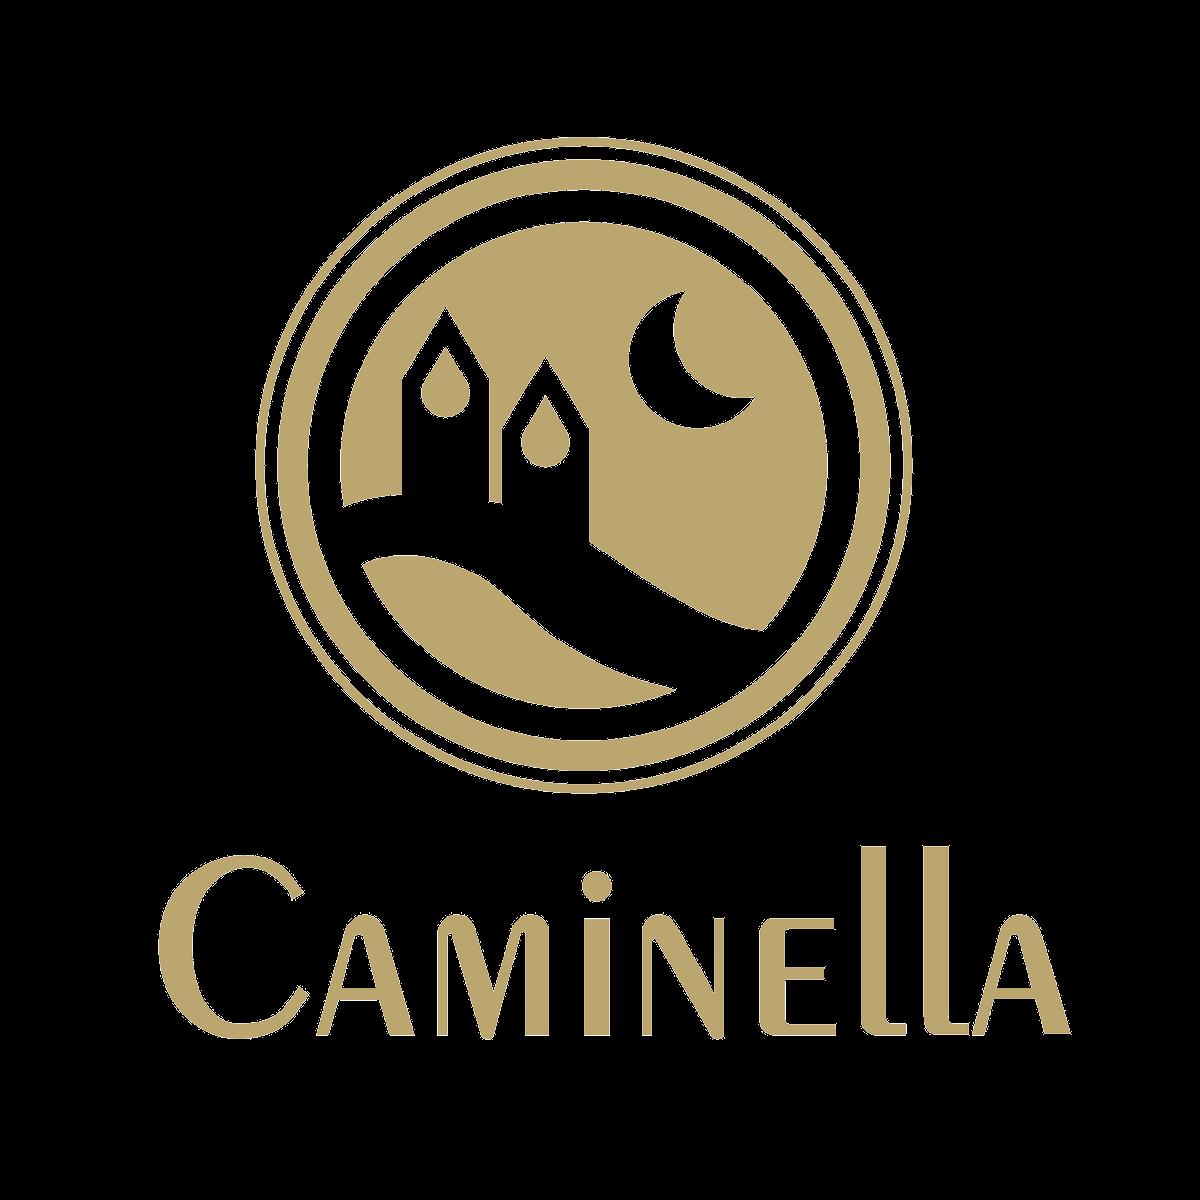 Caminella